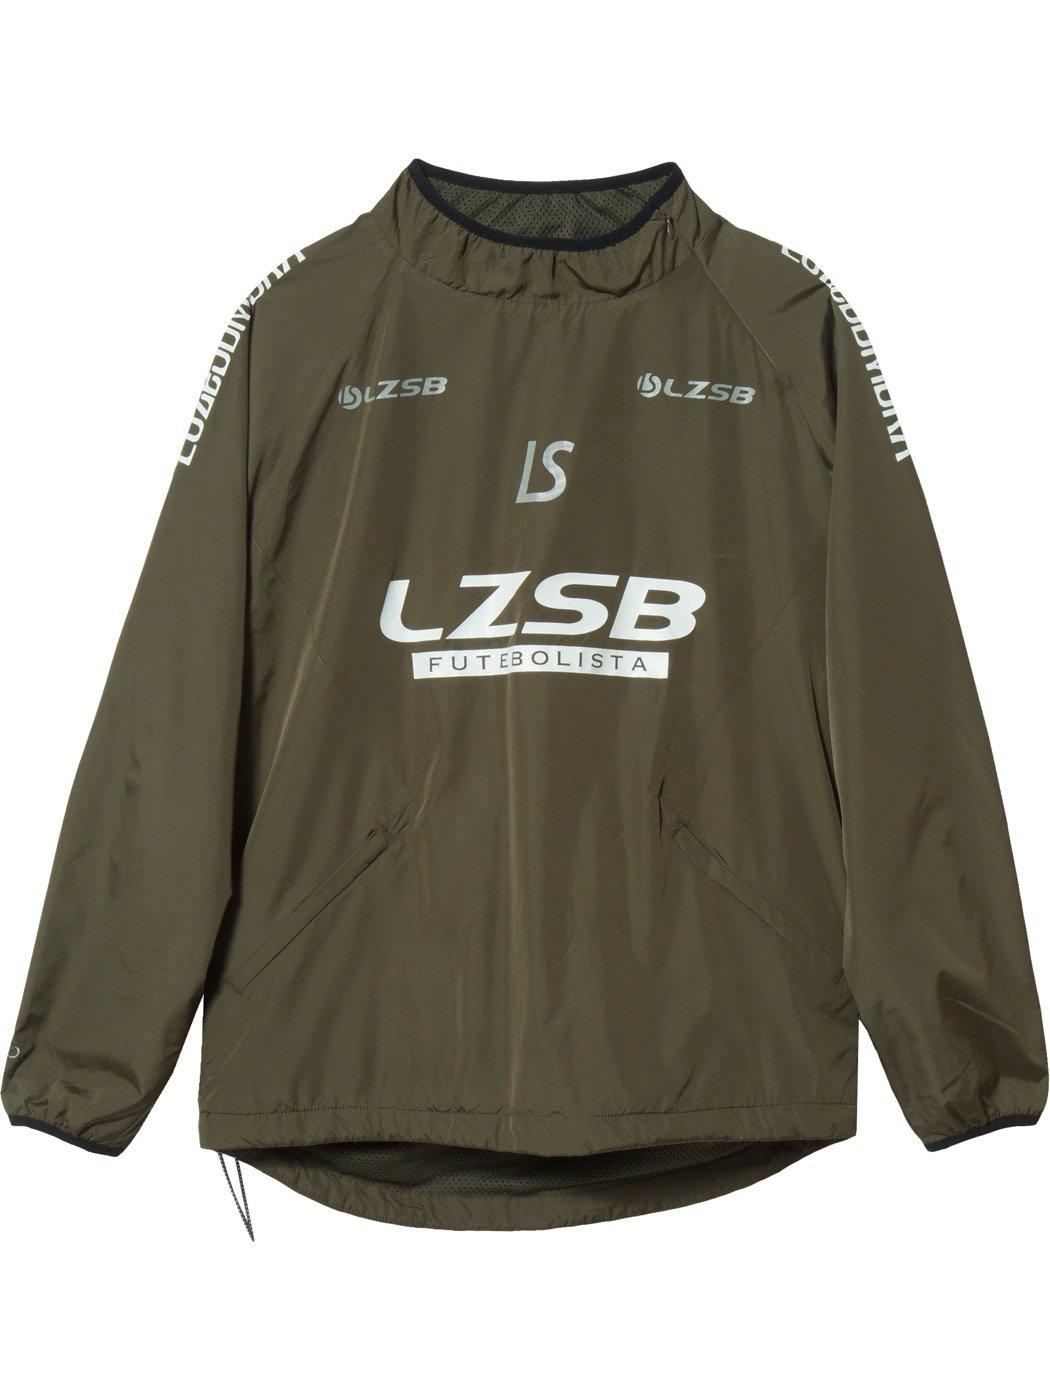 LUZeSOMBRA(ルースイソンブラ) HYBRID タフタトップ F1811104 B079QJN3KR XL|カーキ カーキ XL